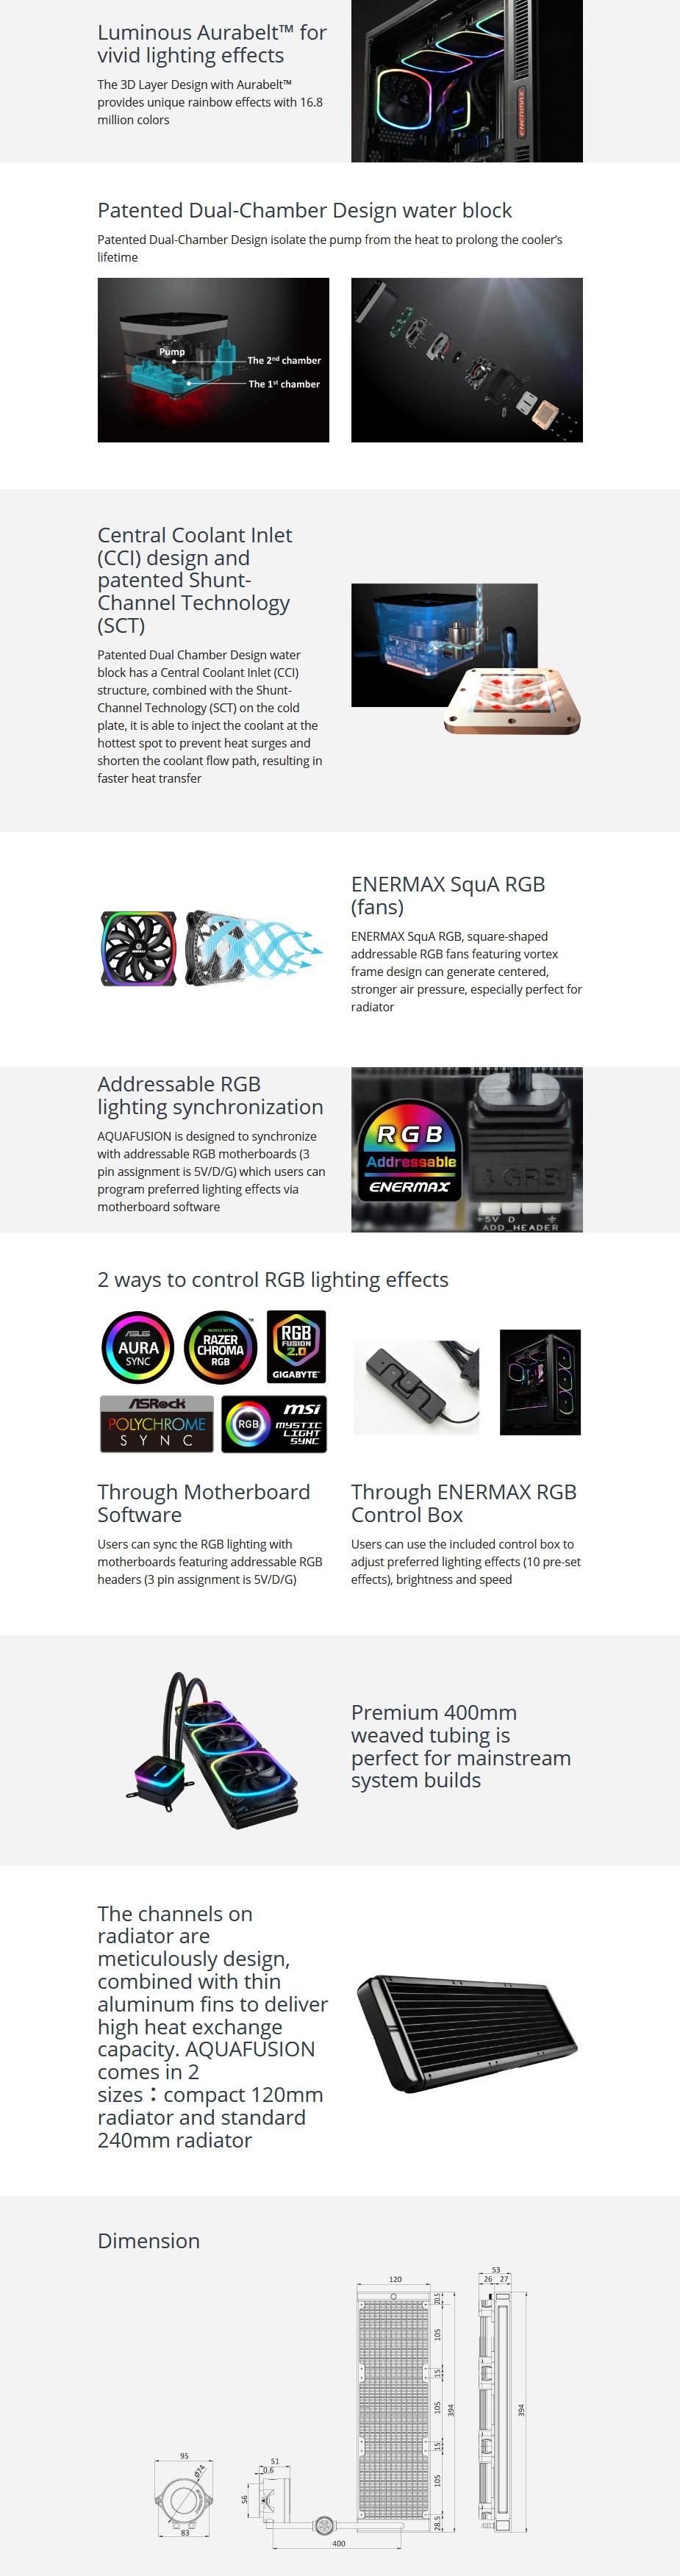 Enermax AQUAFUSION 360 RGB Liquid CPU Cooler - Overview 1